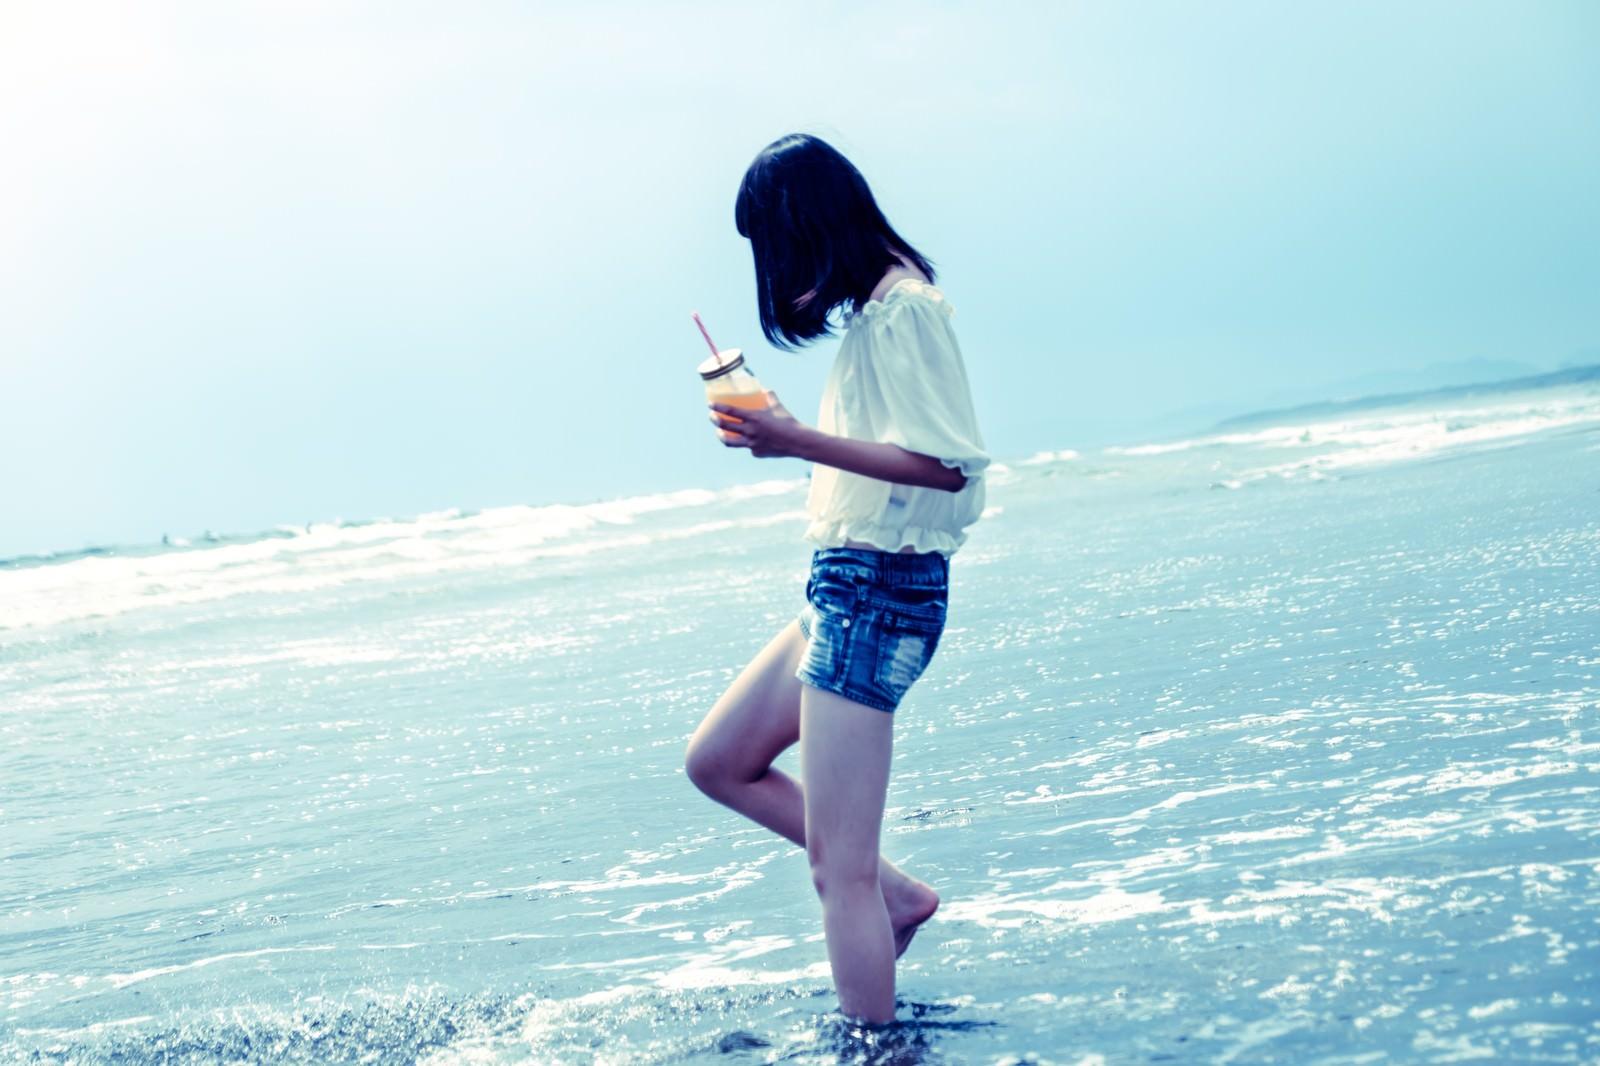 「裸足で波打ち際に立つ女性裸足で波打ち際に立つ女性」のフリー写真素材を拡大